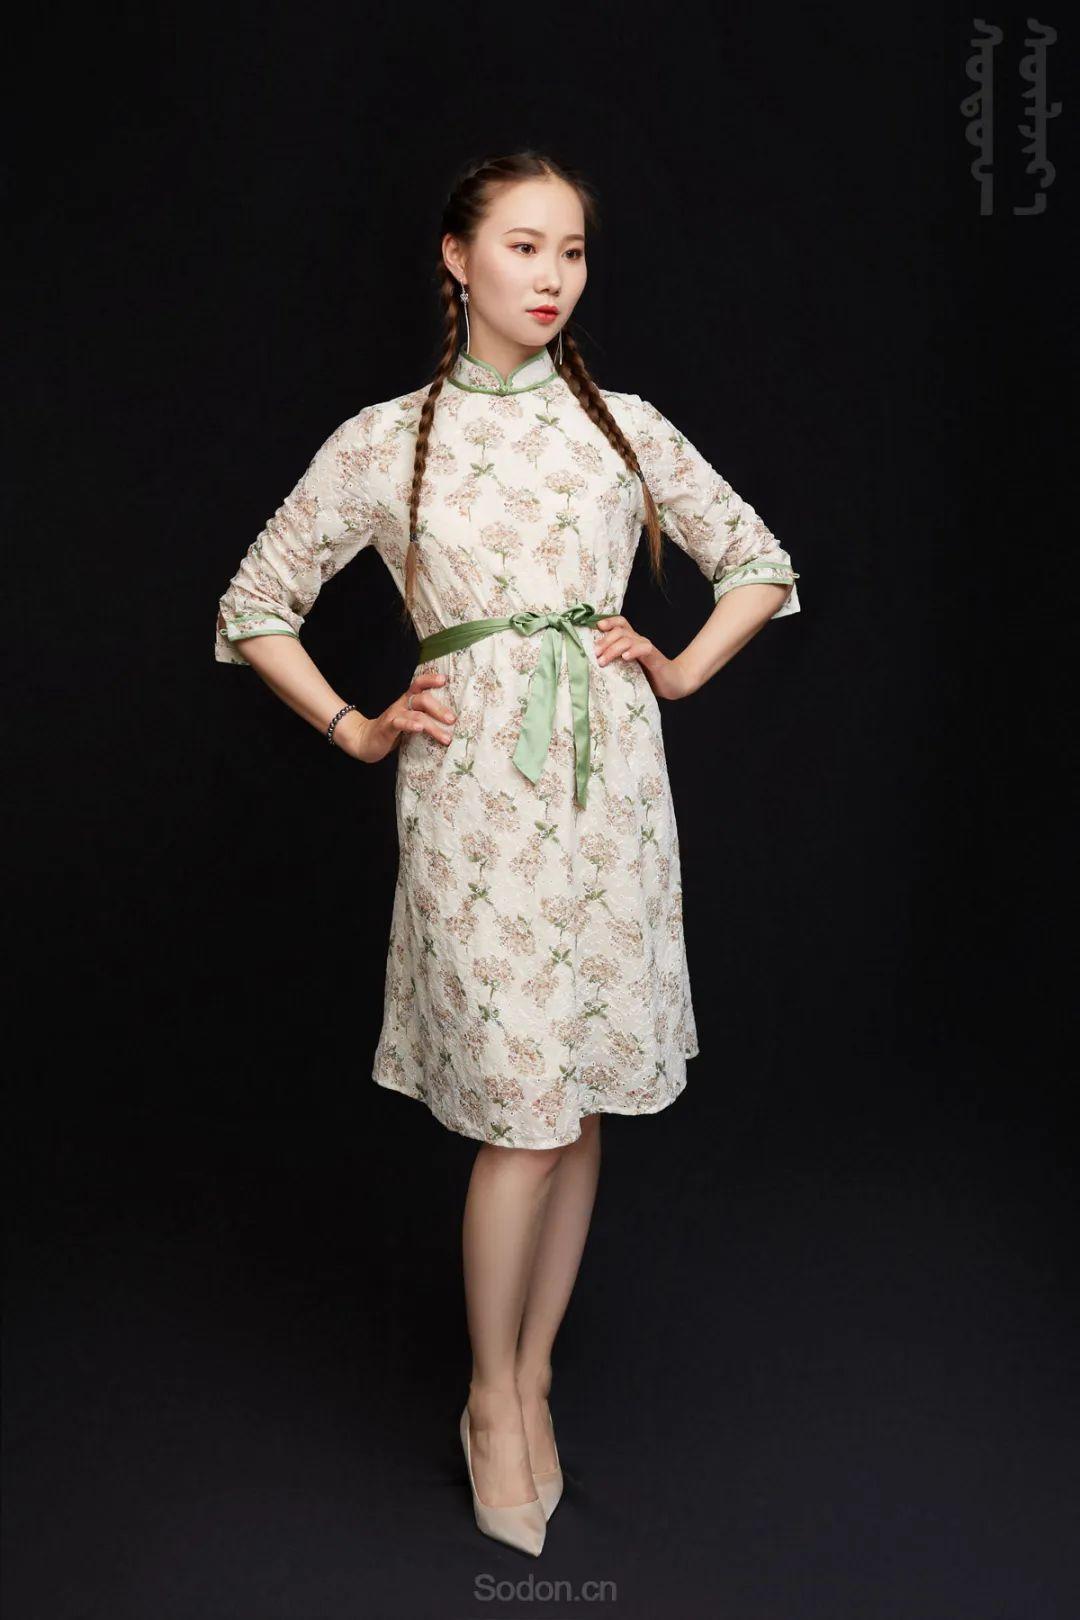 DOMOG蒙古时装2020新款夏季连衣裙首发,618钜惠七折! 第9张